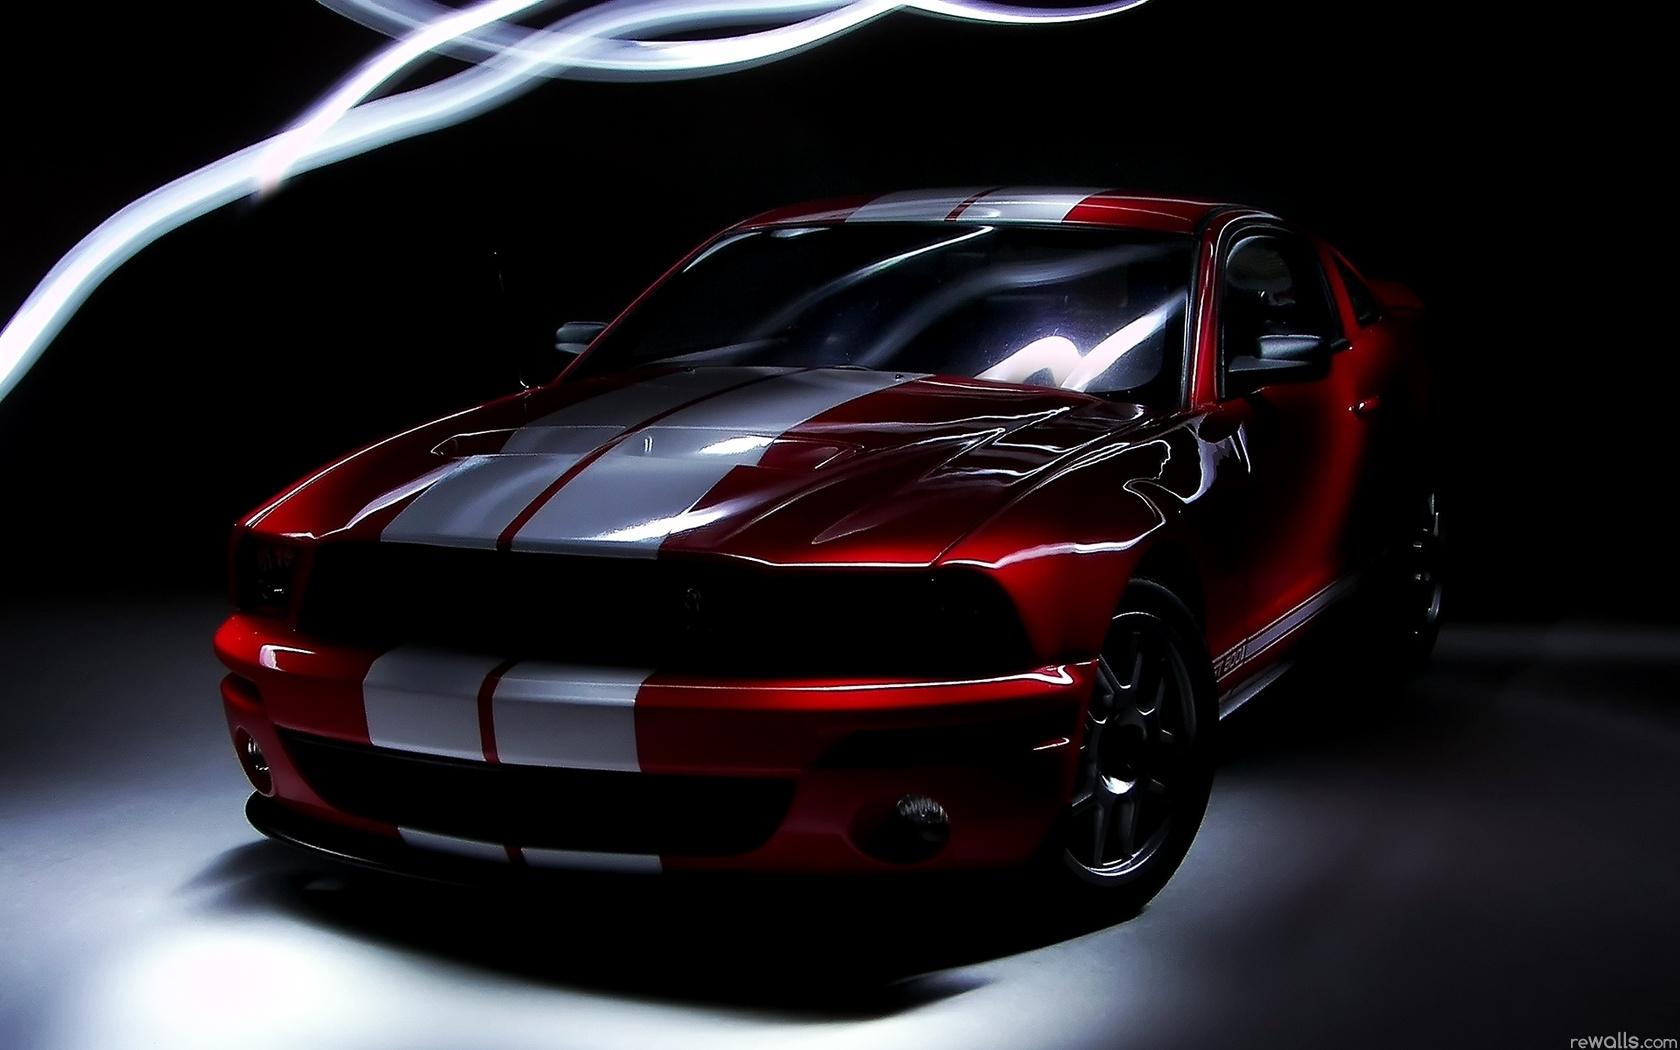 26081 скачать обои Транспорт, Машины, Мустанг (Mustang) - заставки и картинки бесплатно